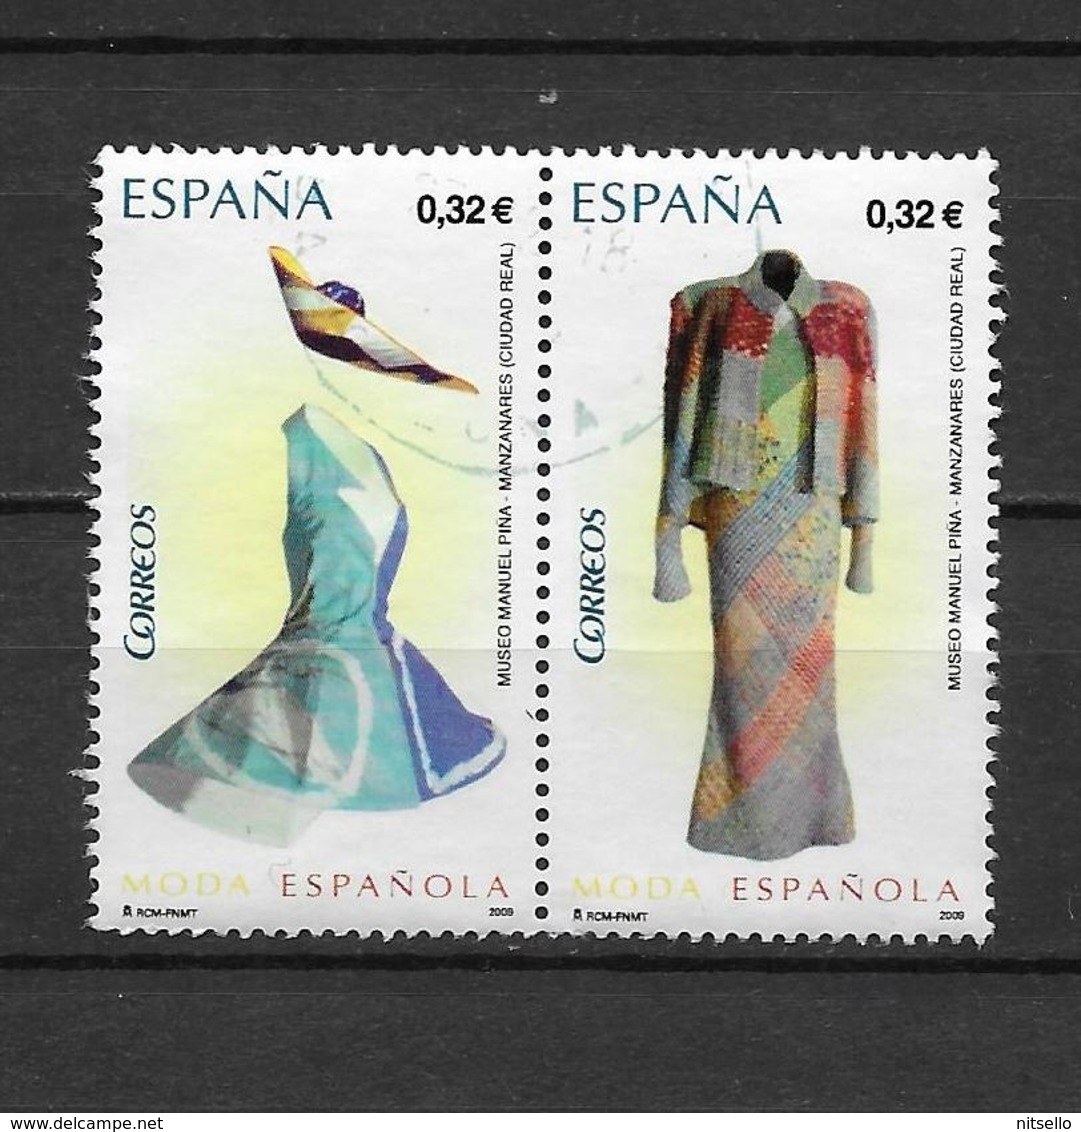 LOTE 1822  ///  ESPAÑA AÑO 2009 - 1931-Hoy: 2ª República - ... Juan Carlos I